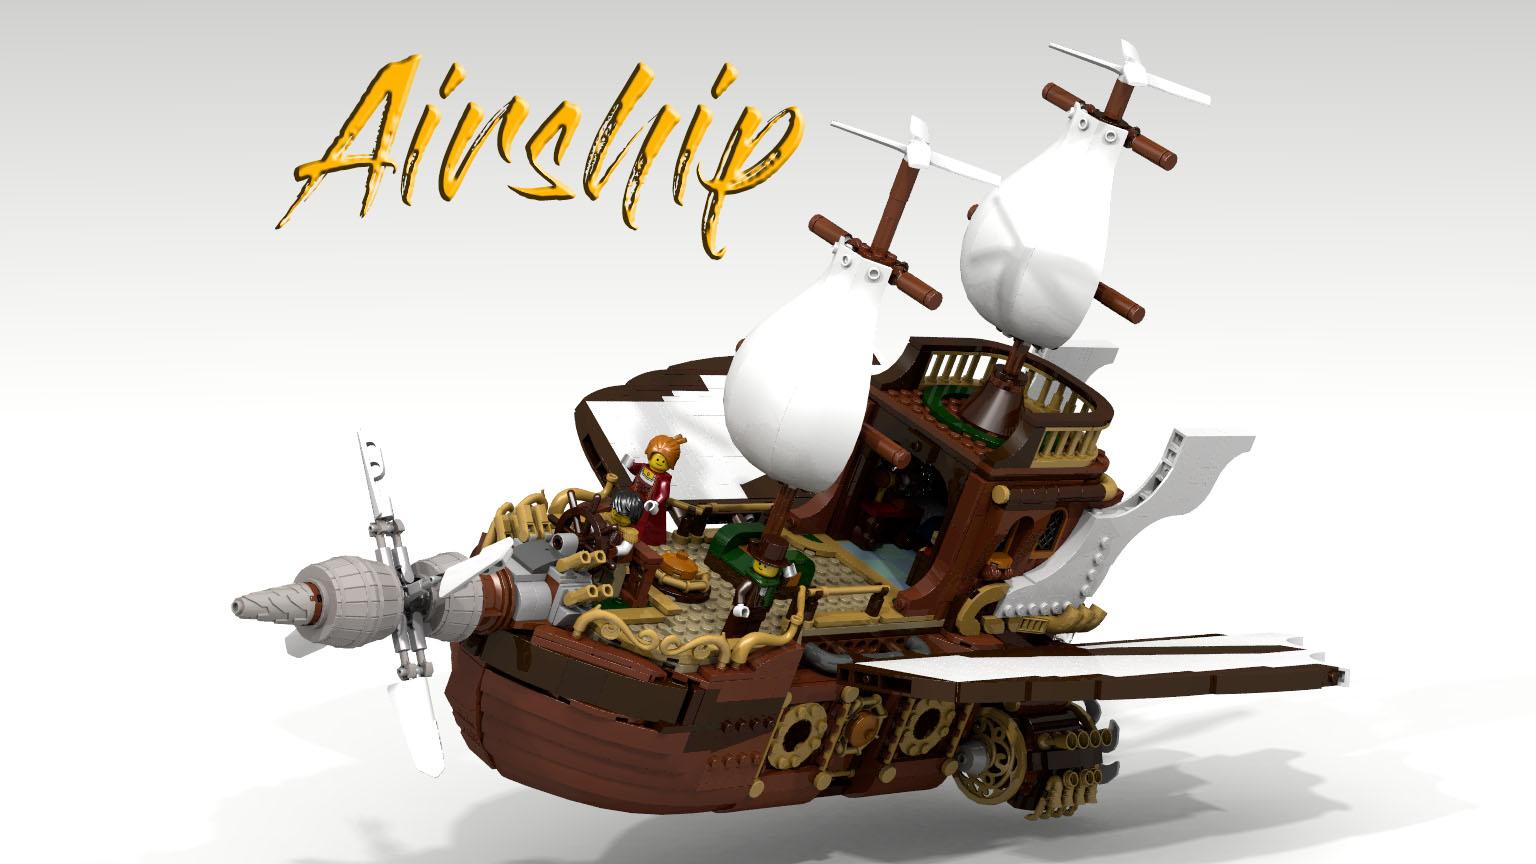 6134371-airship_cover_w_text.jpg